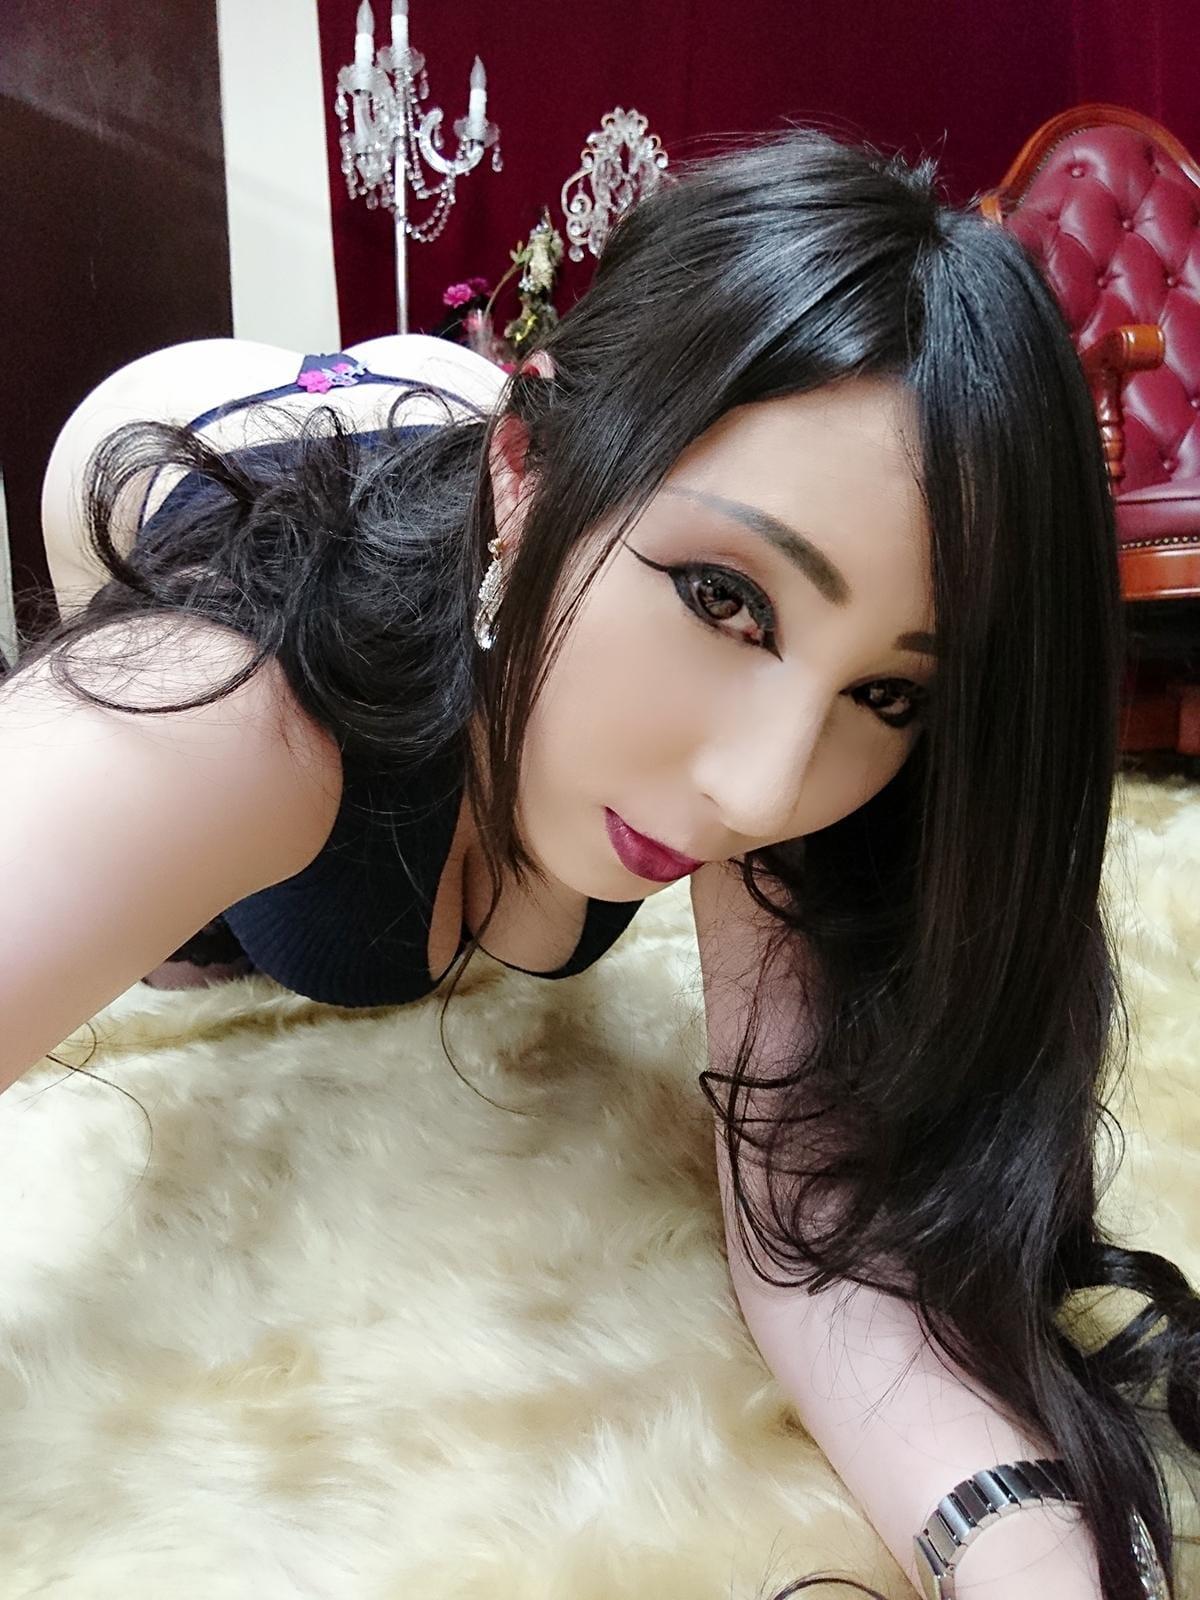 「☆こんばんは☆」08/28(火) 19:10 | 桃井 さゆりの写メ・風俗動画